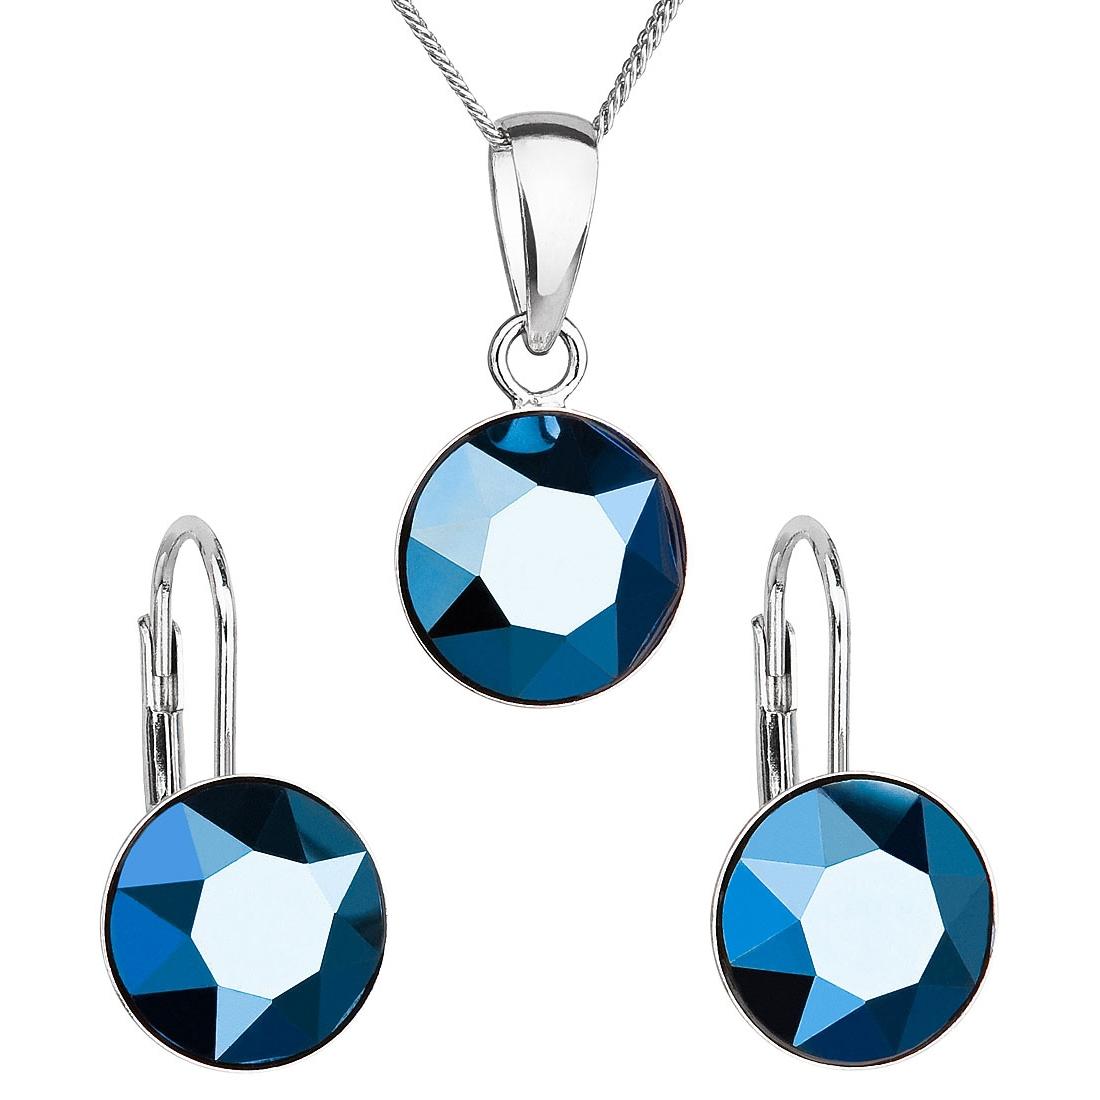 Sada stříbrných šperků s kameny Crystals from Swarovski® Metalic Blue EG3054-MB